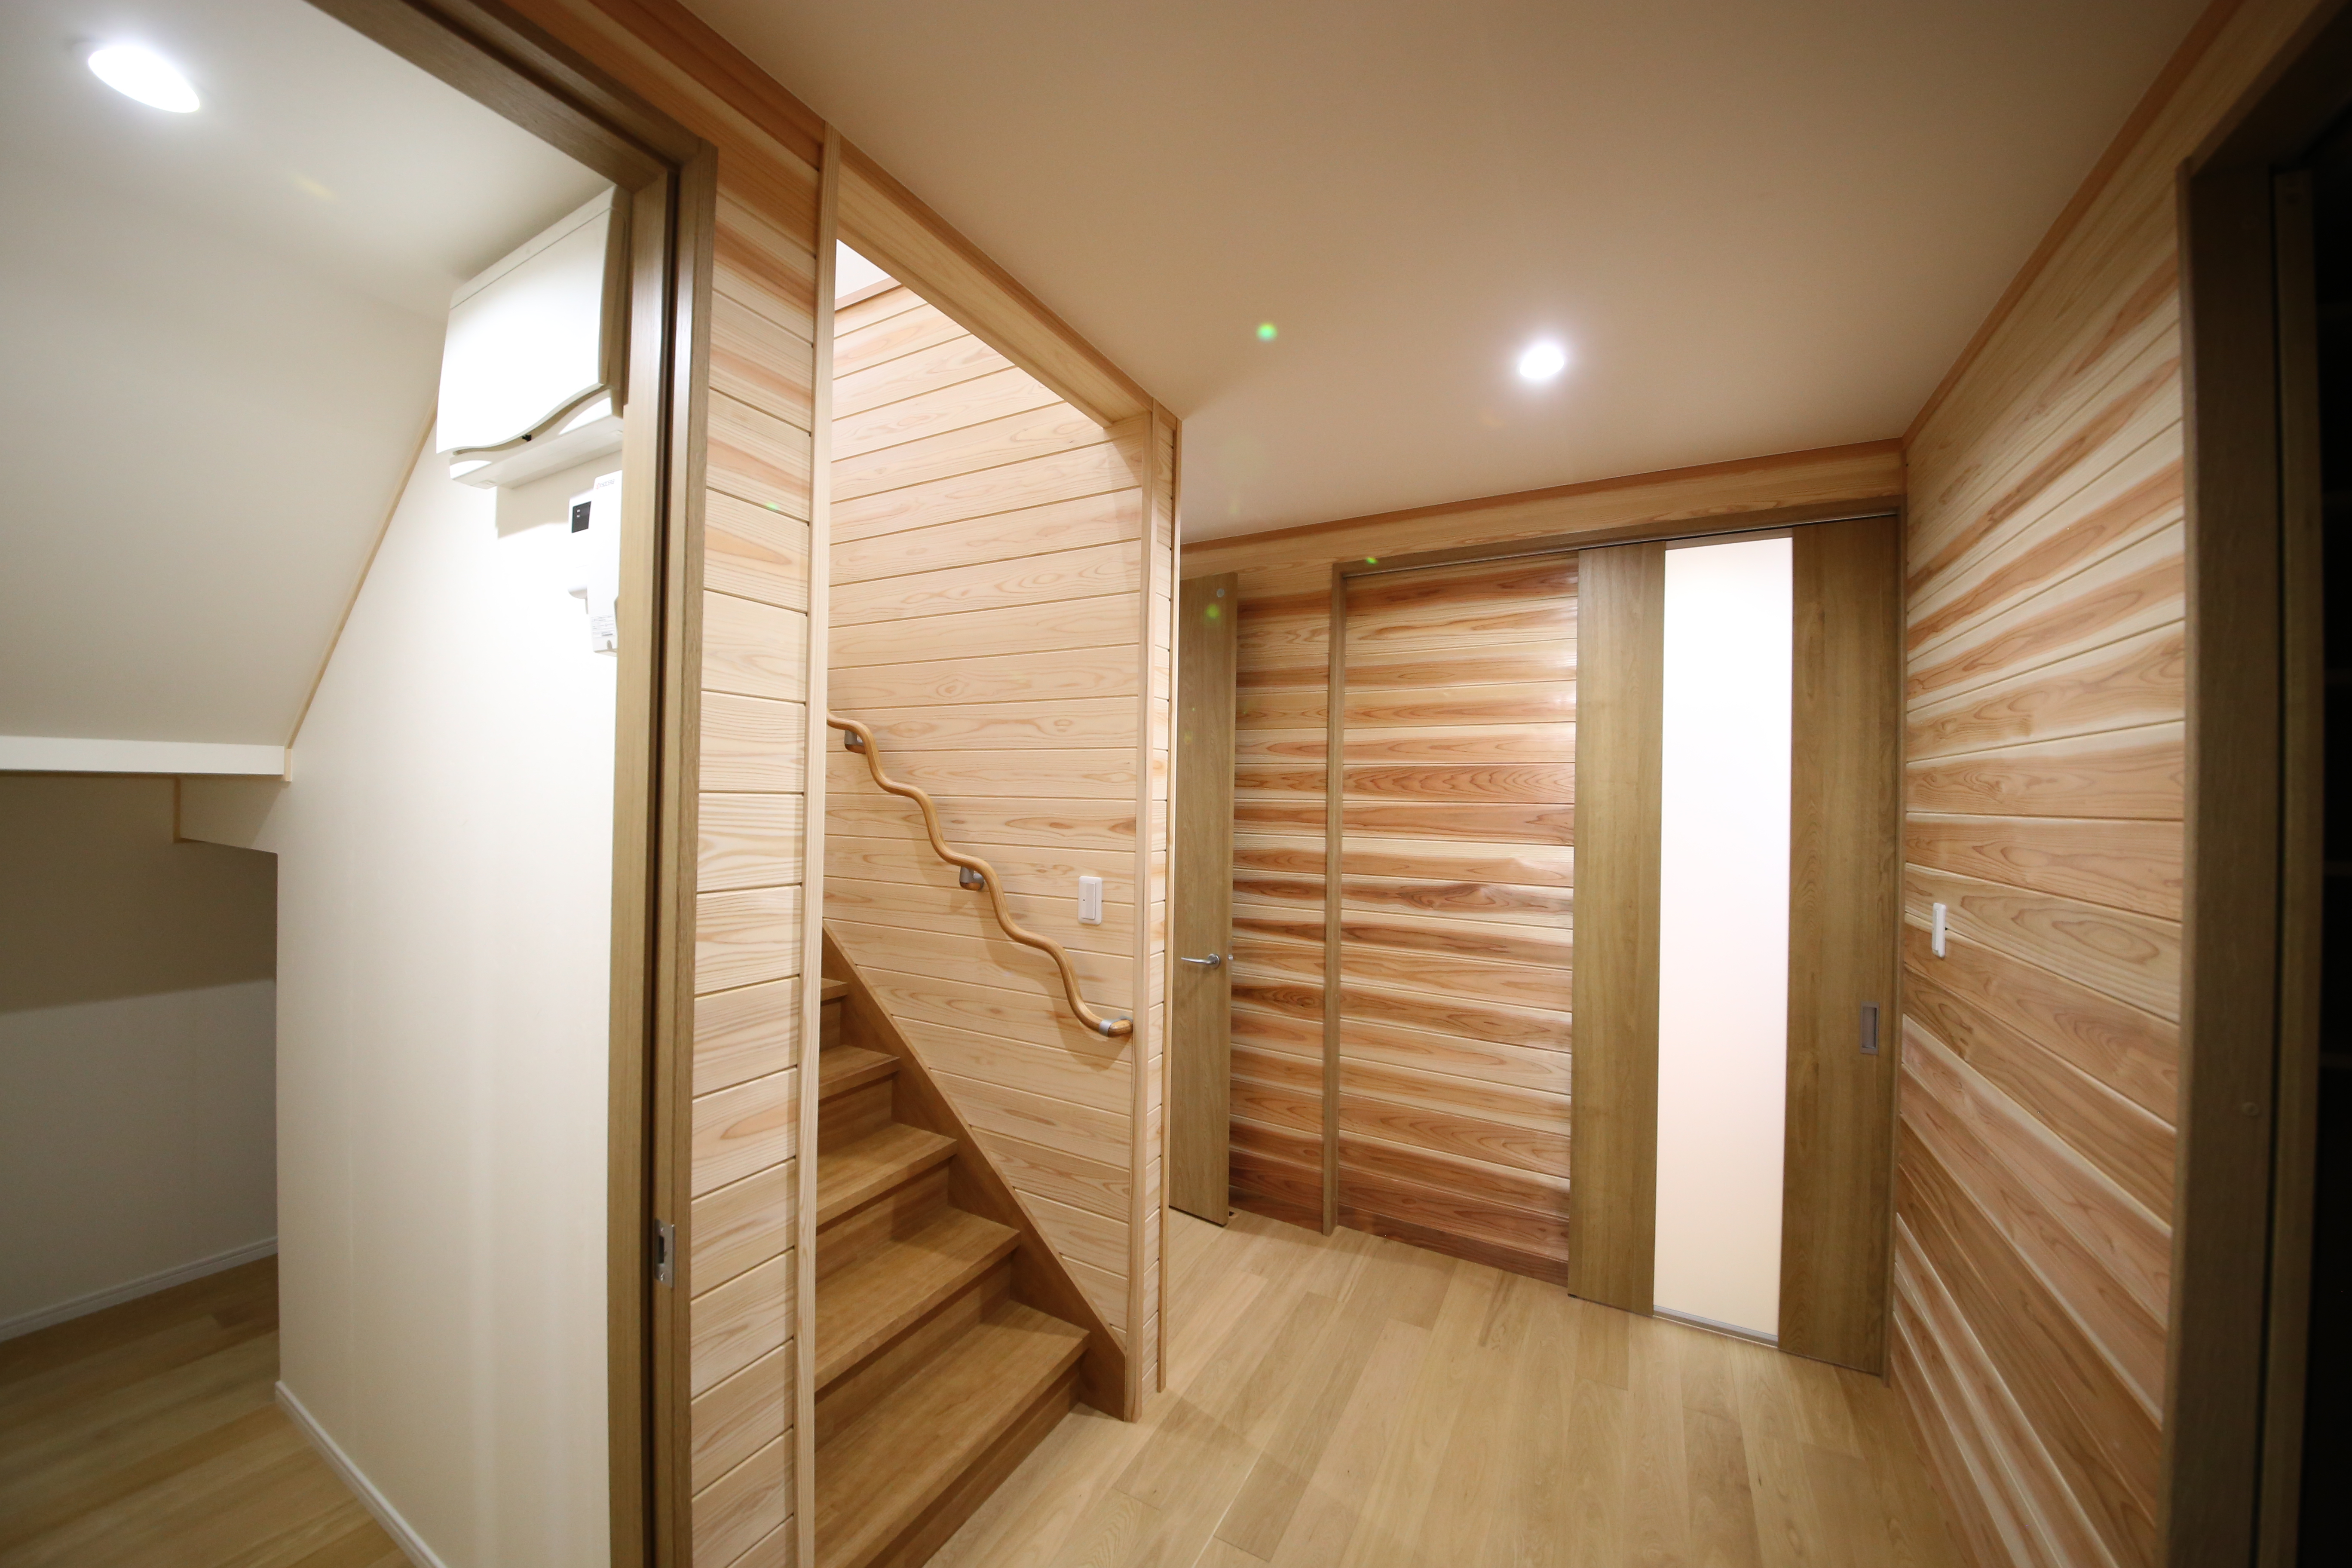 階段下スペースは収納として有効活用。少しの工夫で収納スペースを何倍にも増やしている